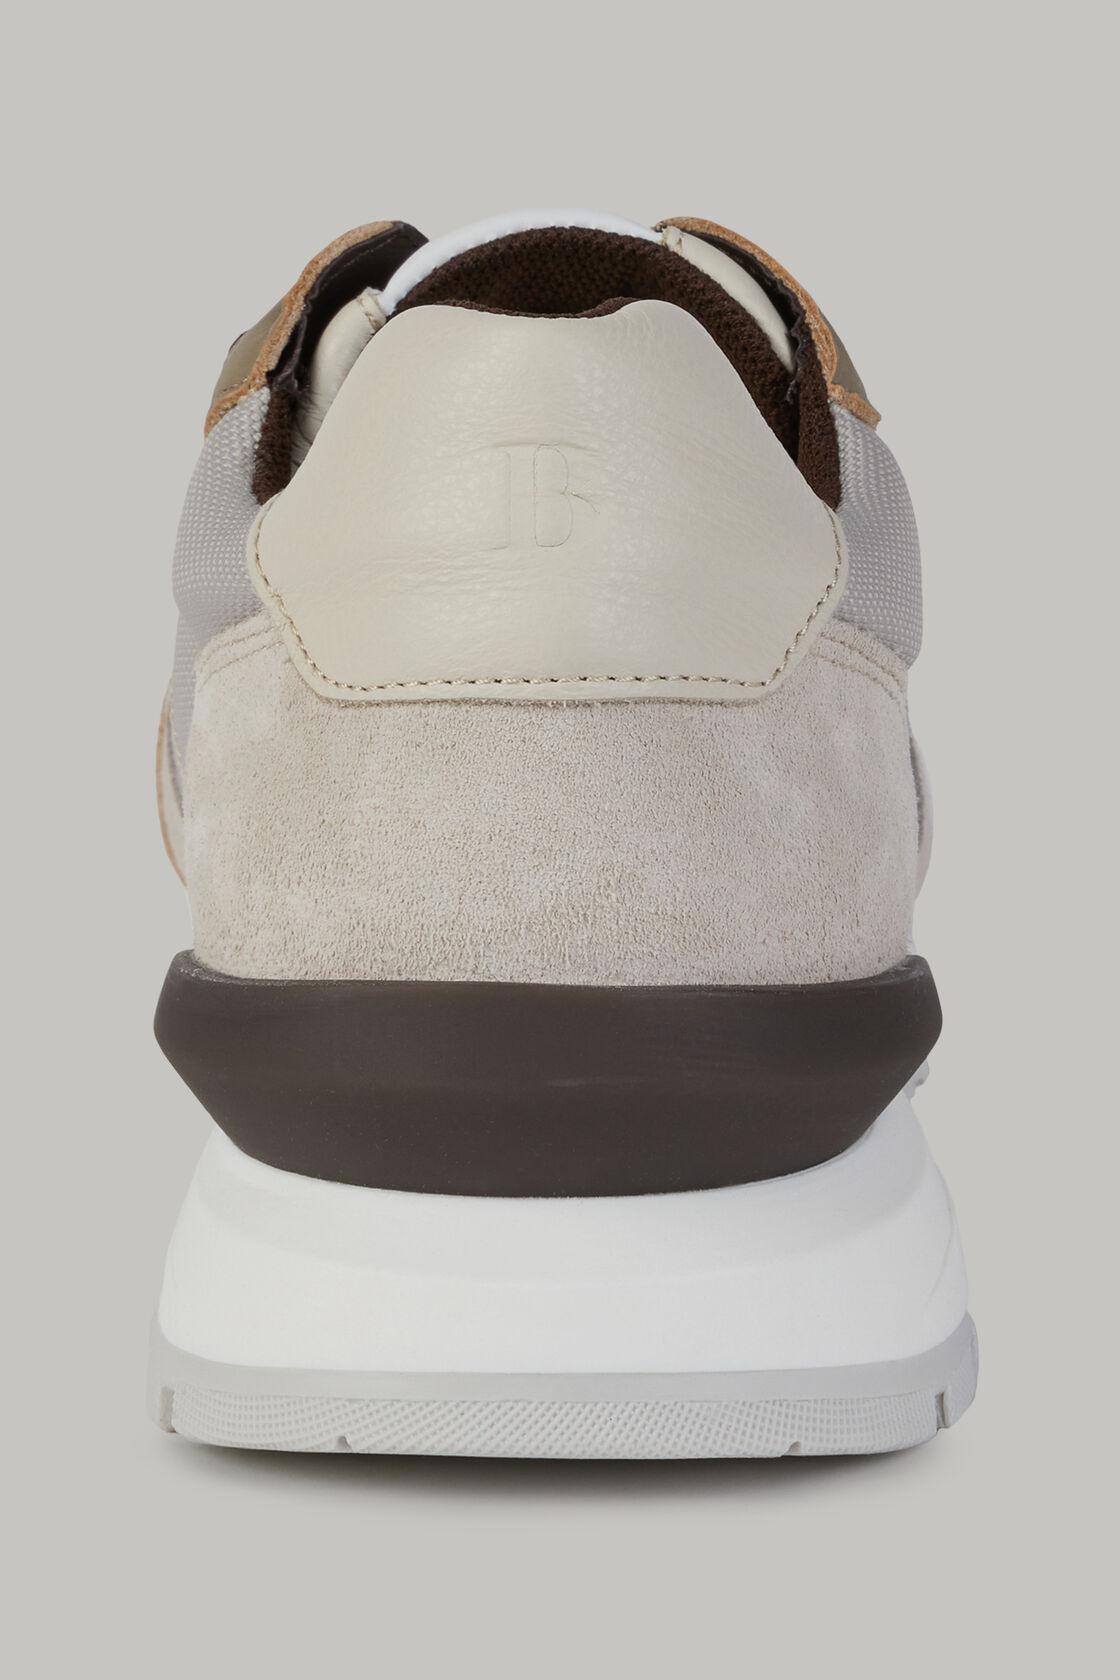 Naturweisse sneakers aus technischem stoff und leder, , hi-res